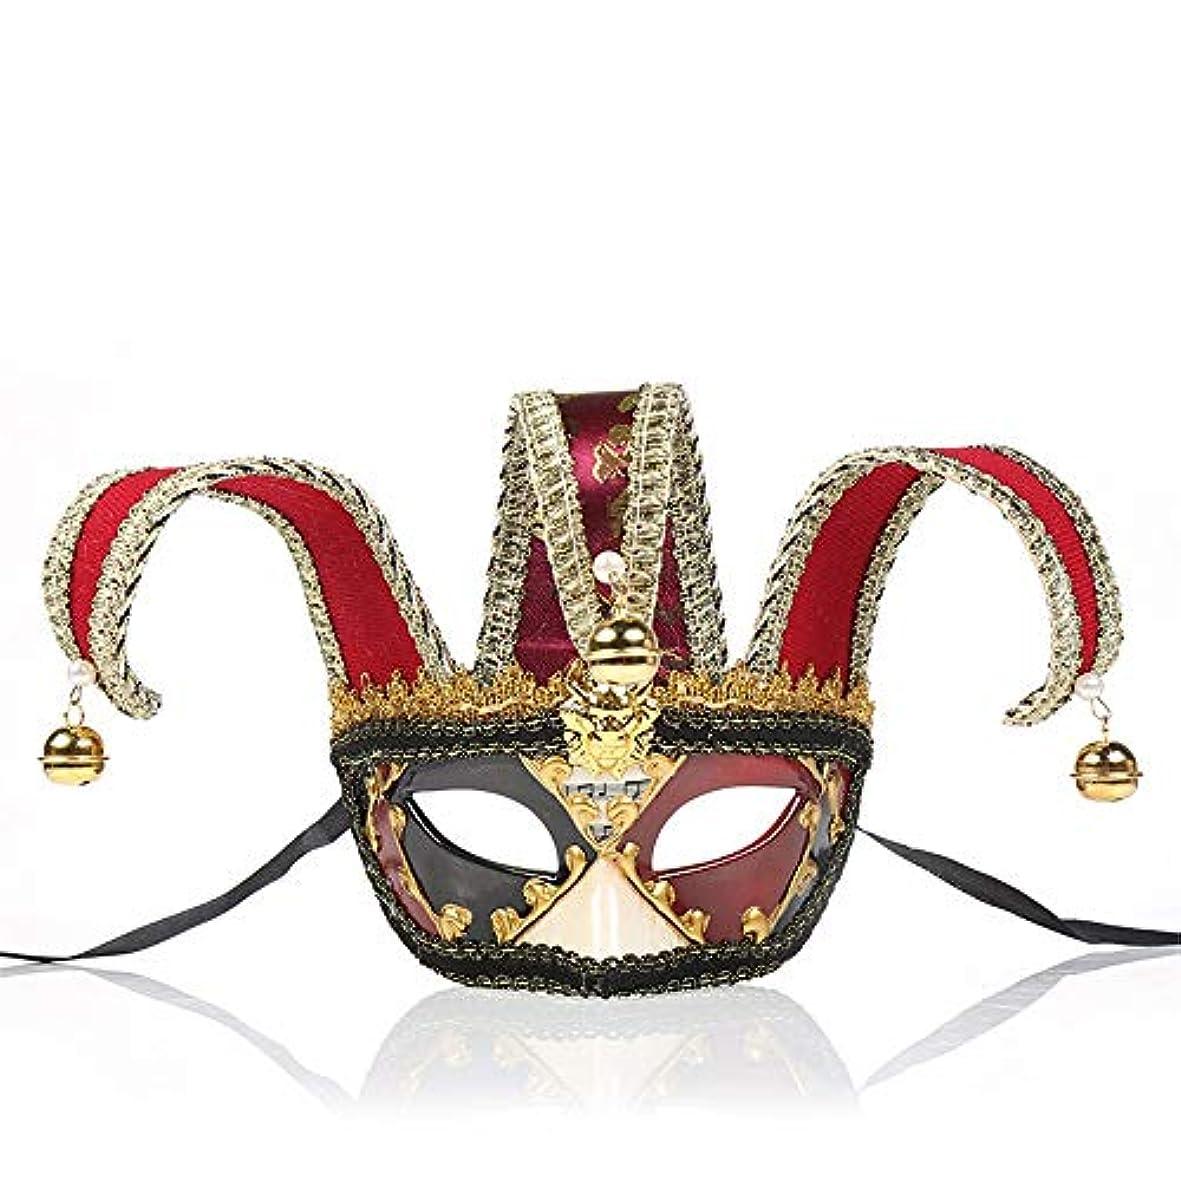 わずかな流結紮ダンスマスク 若者の少女ハロウィーンギフトレトロマスクホット販売マスカレードロールプレイング装飾 ホリデーパーティー用品 (色 : 赤, サイズ : 28x16.5cm)